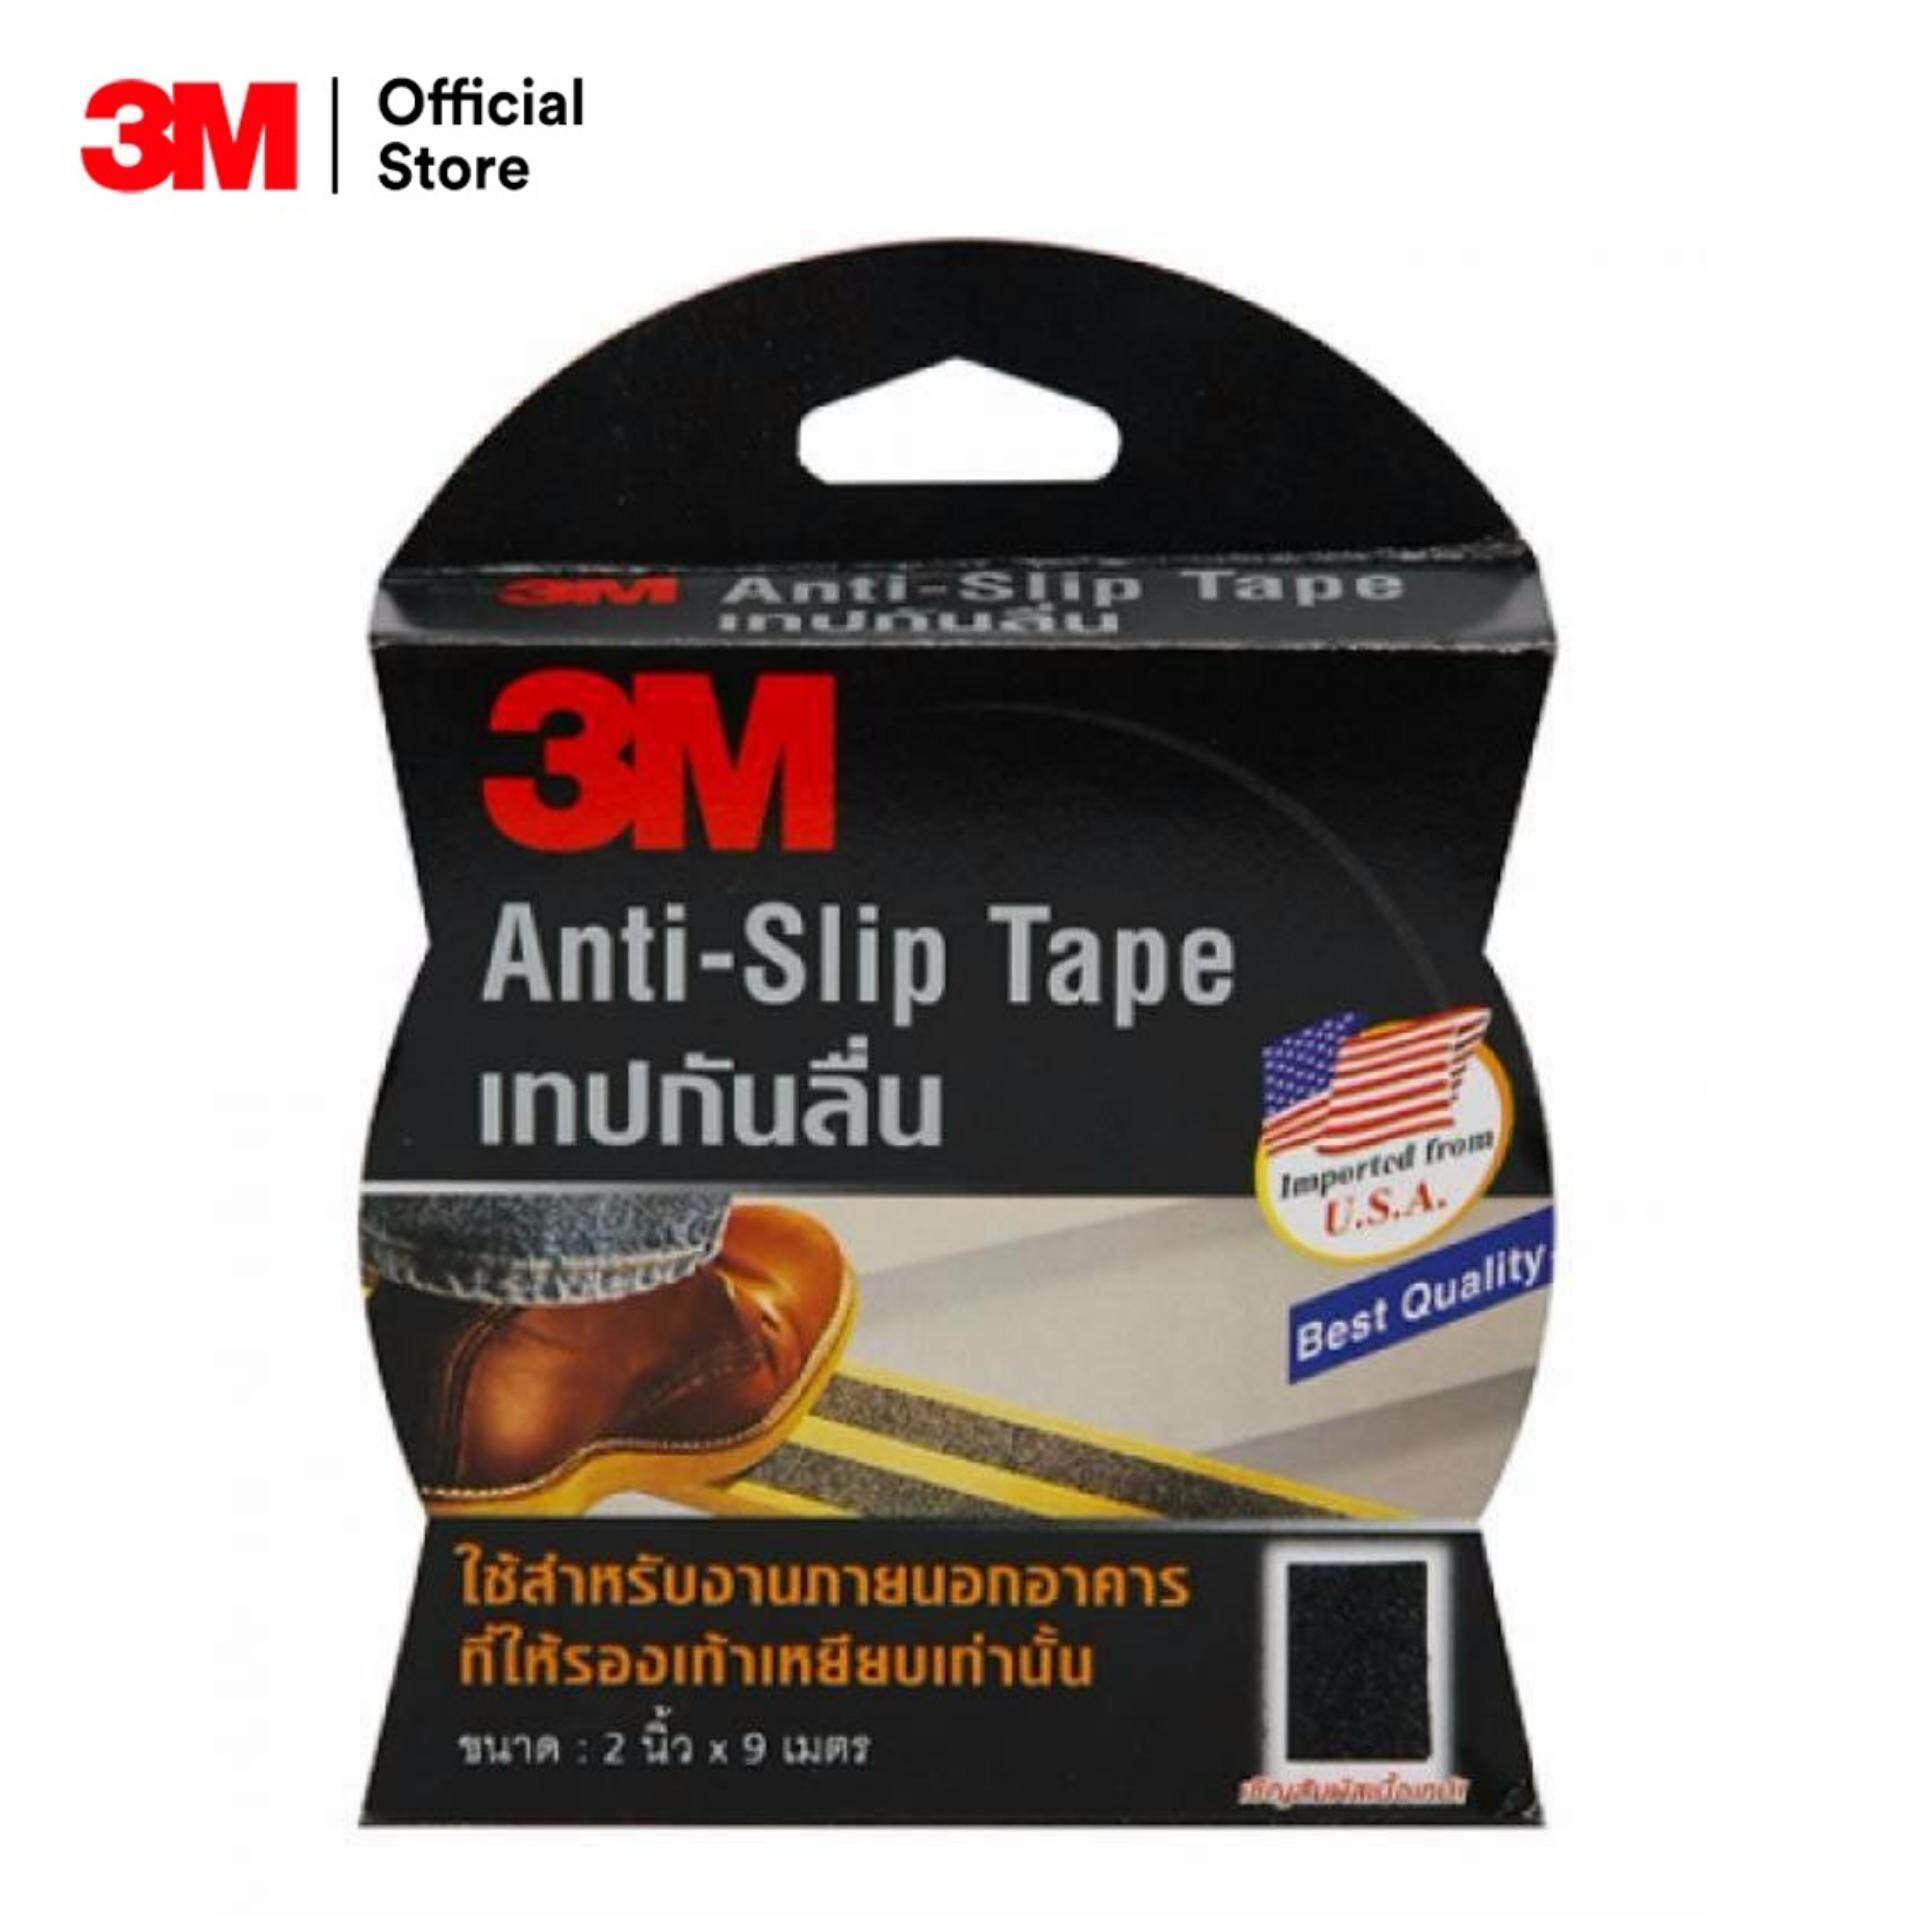 3เอ็ม เทปกันลื่นชนิดม้วนสีดำ สำหรับงานภายนอก ขนาด 2 นิ้ว X 9 เมตร 3M Anti-Slip Tape, Black, 2 Inch X 9M